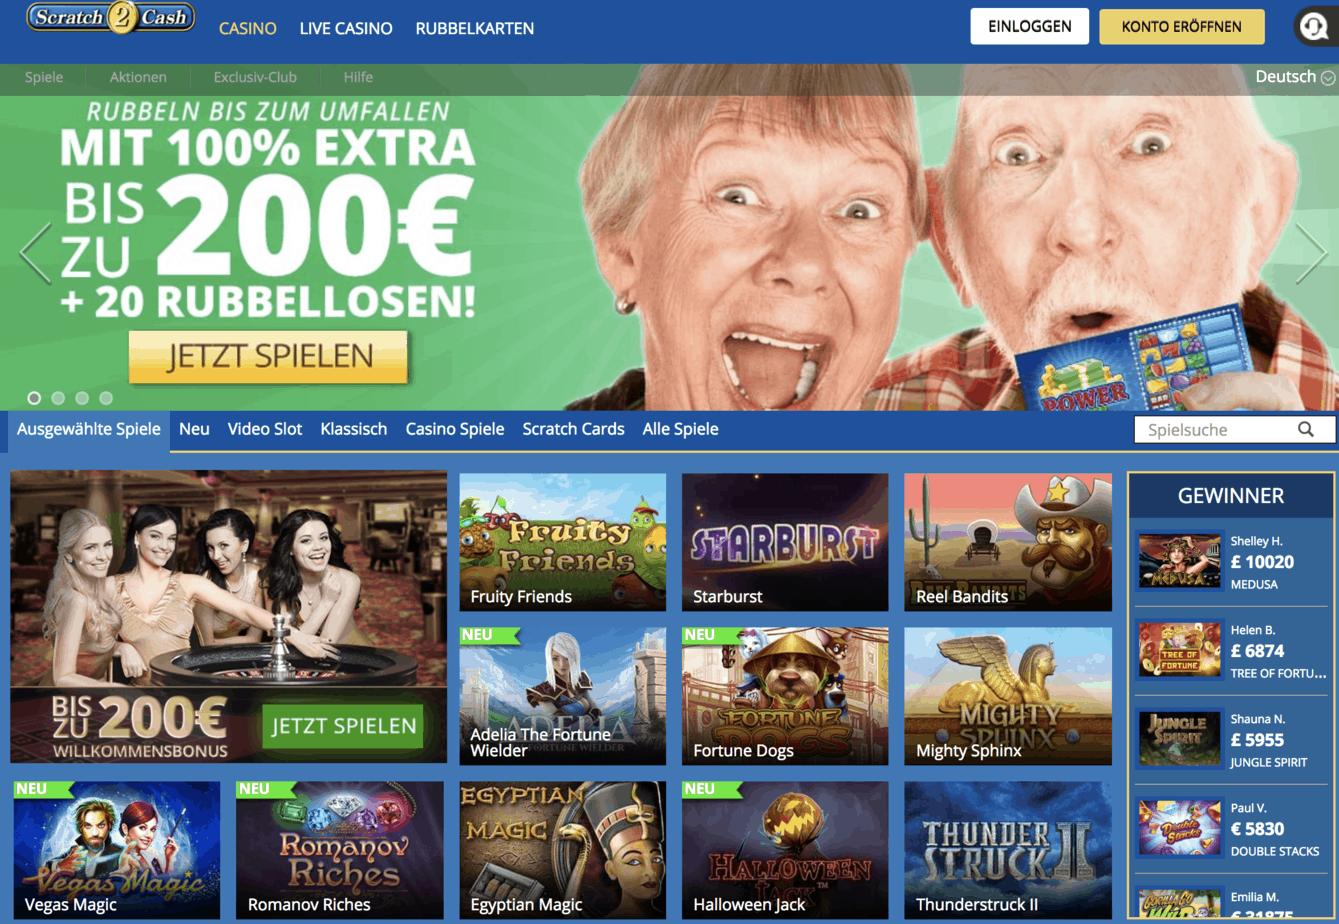 Scratch2Cash Casino Homepage Screenshot